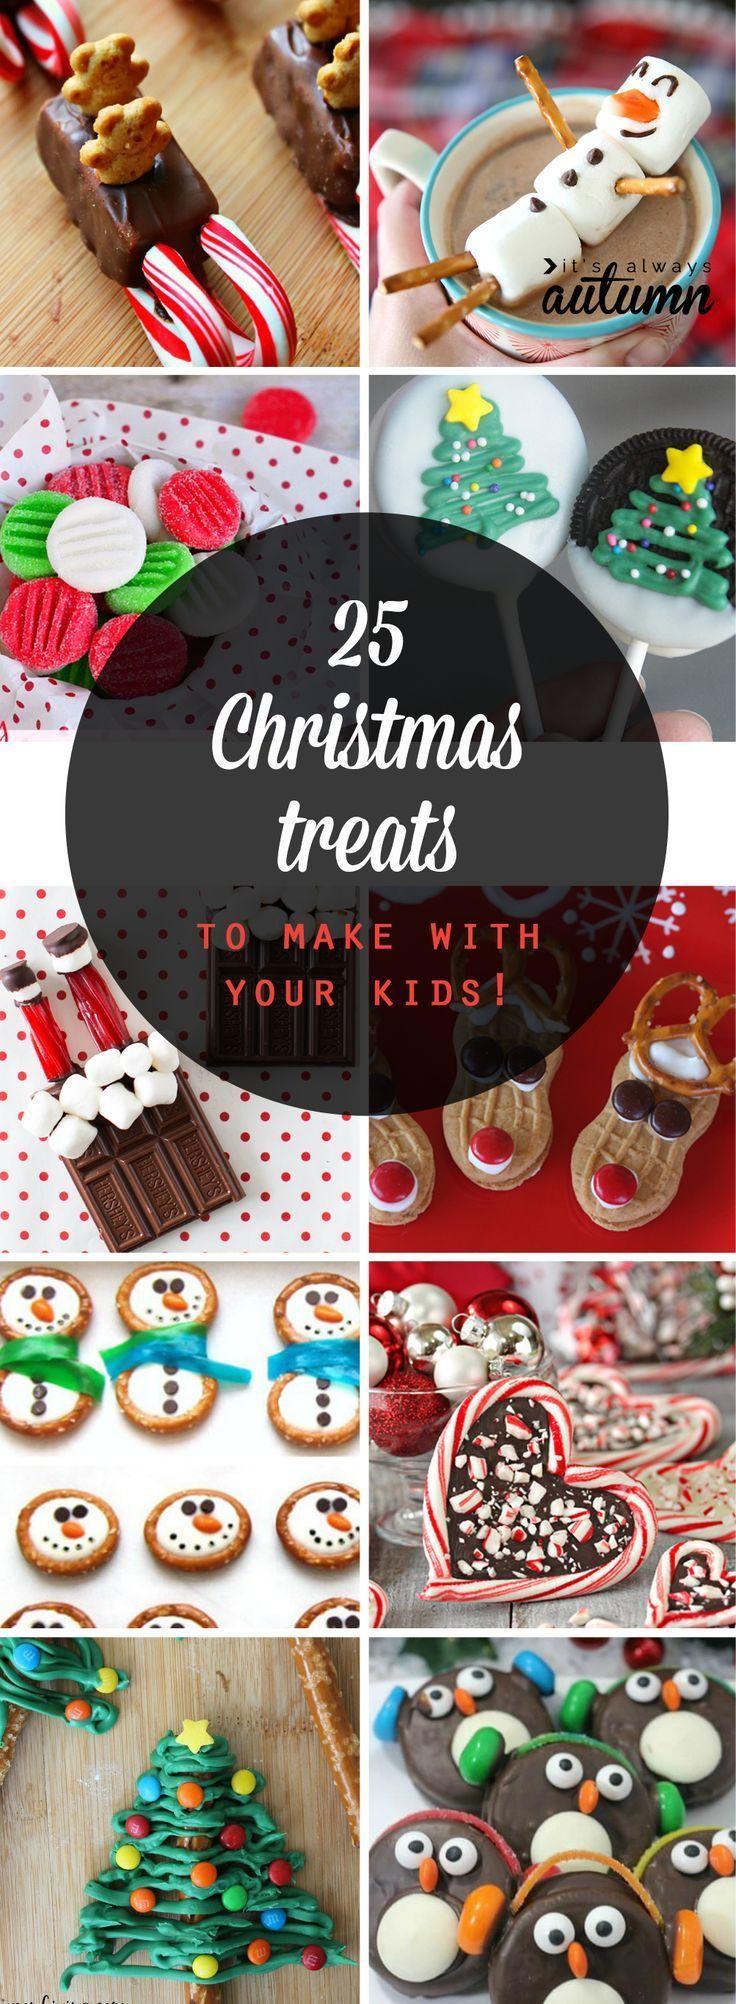 Good Easy Christmas Favors To Make #1: 25460e25cc0a599e0964bbddfef6f444--christmas-favors-christmas-treats-to-make.jpg